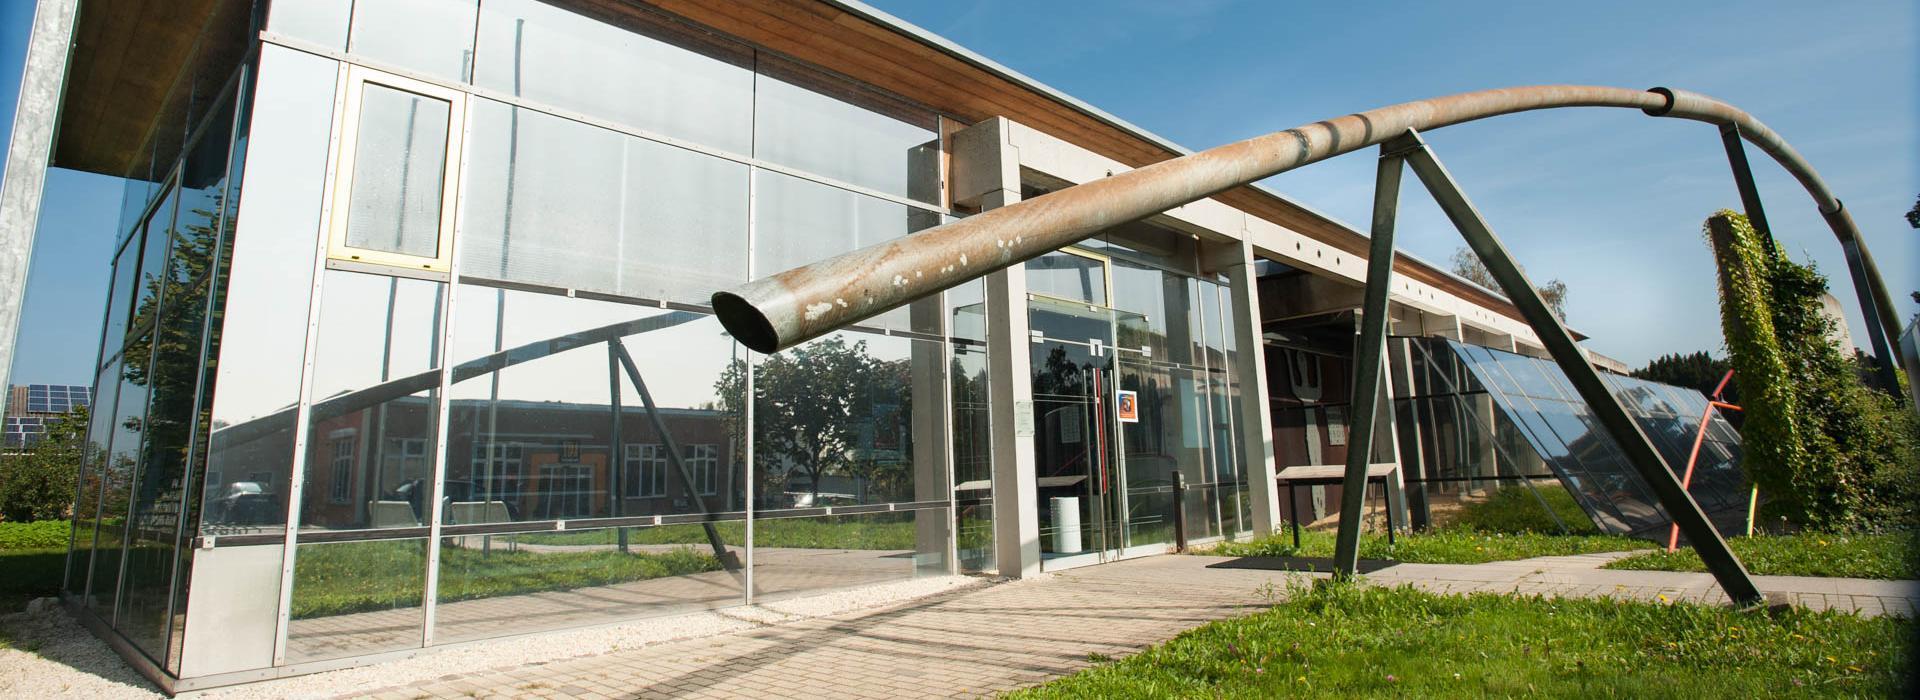 Keltenmuseum in Eberdingen-Hochdorf Hochdorf_Keltenmuseum_10_web.jpg